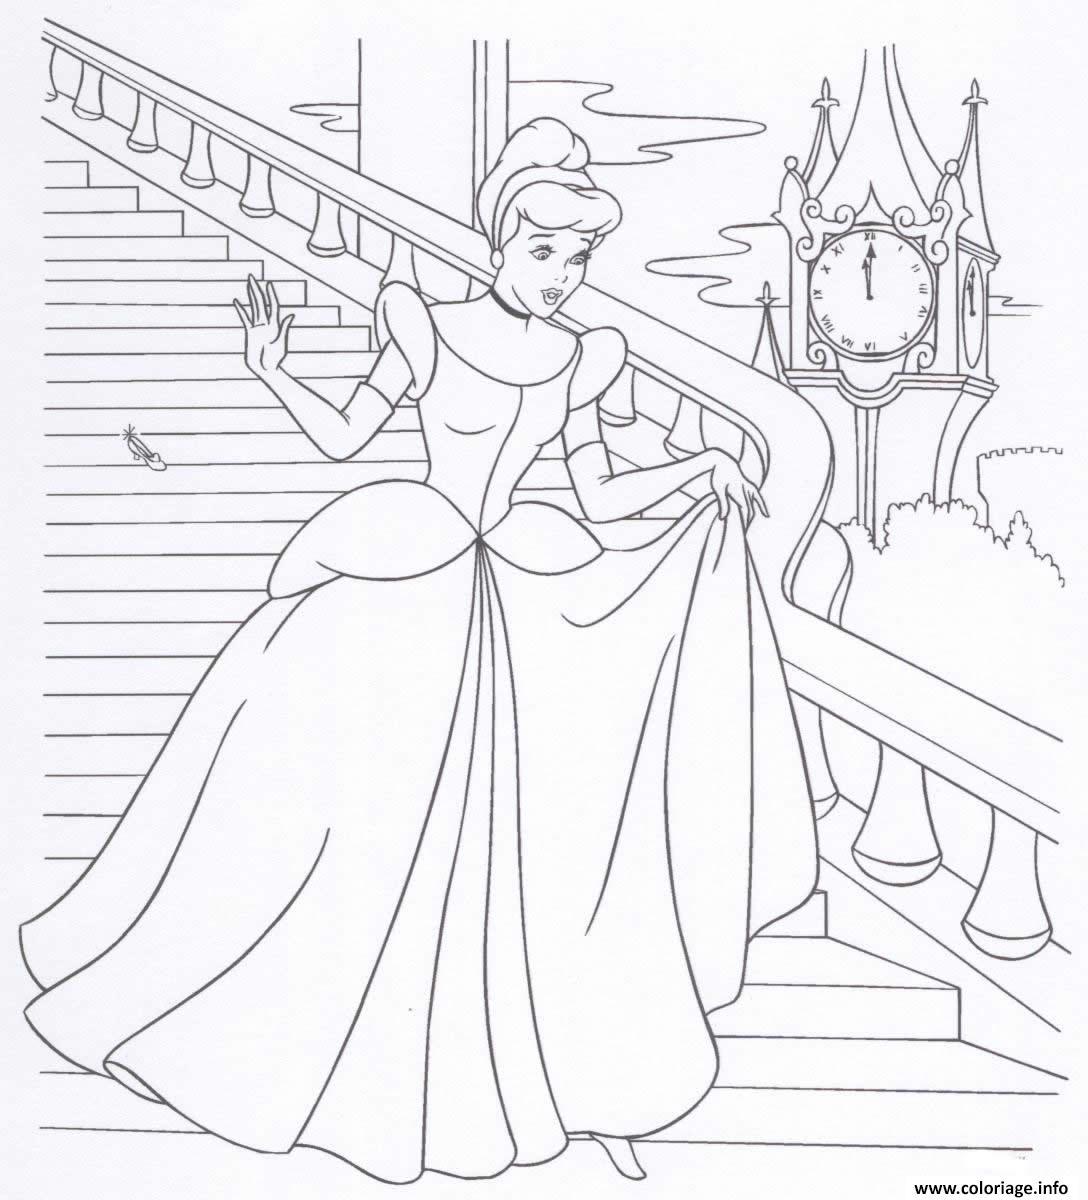 Coloriage cendrillon princesse 18 dessin - Jeu de coloriage de princesse ...